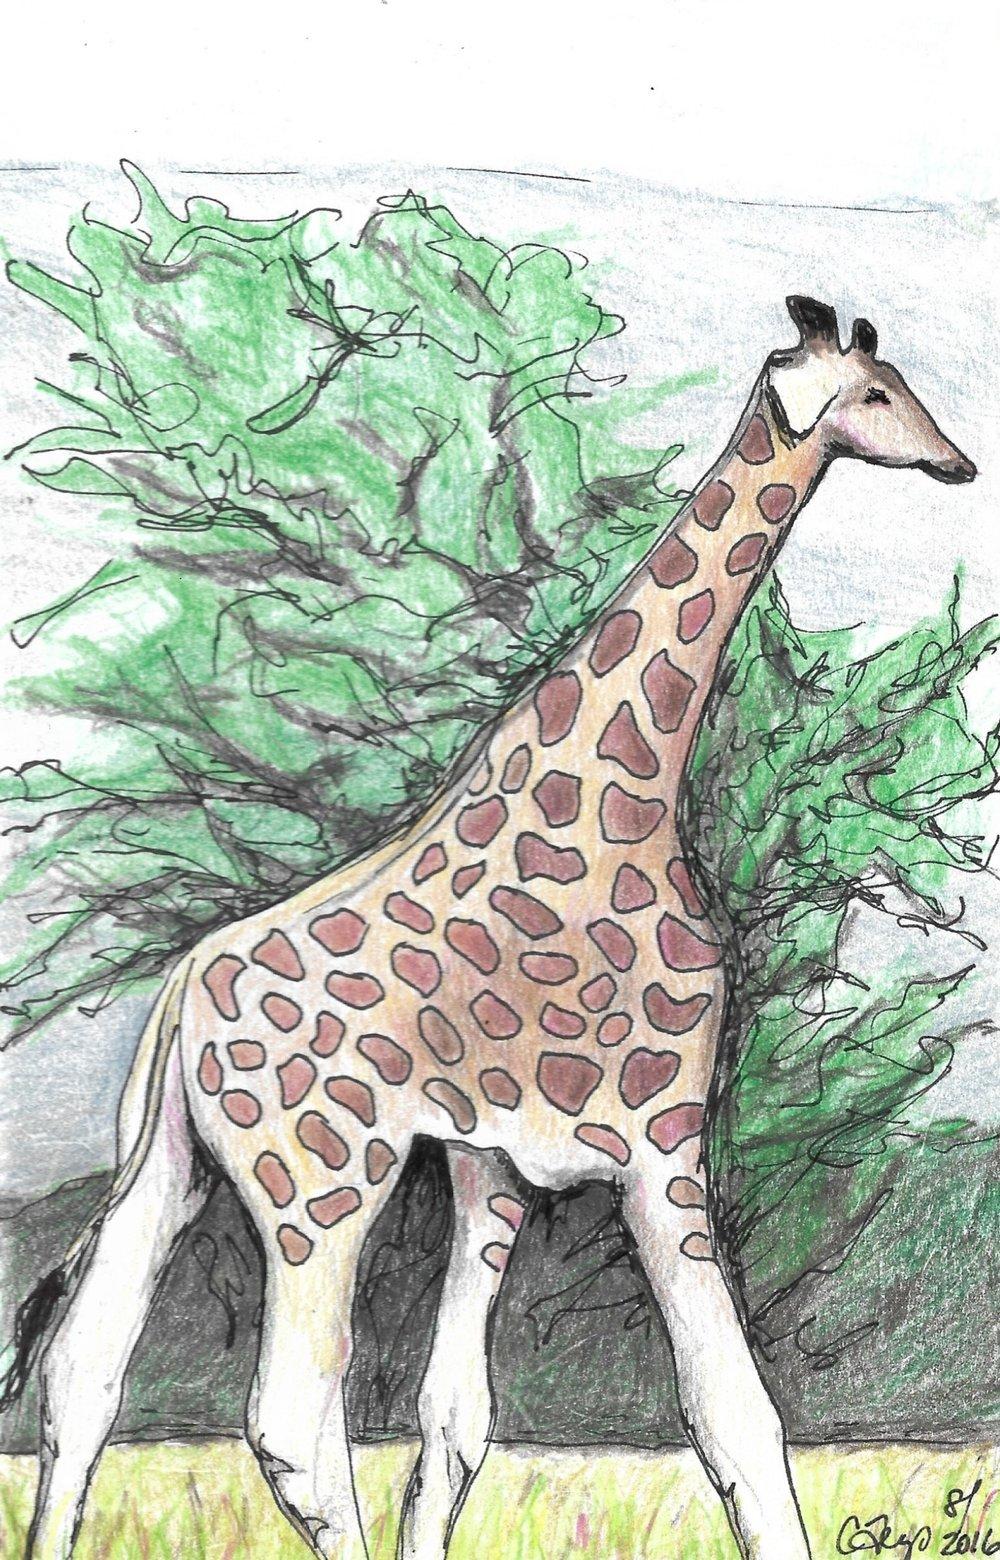 giraffe-lake nakuru-2016.jpg